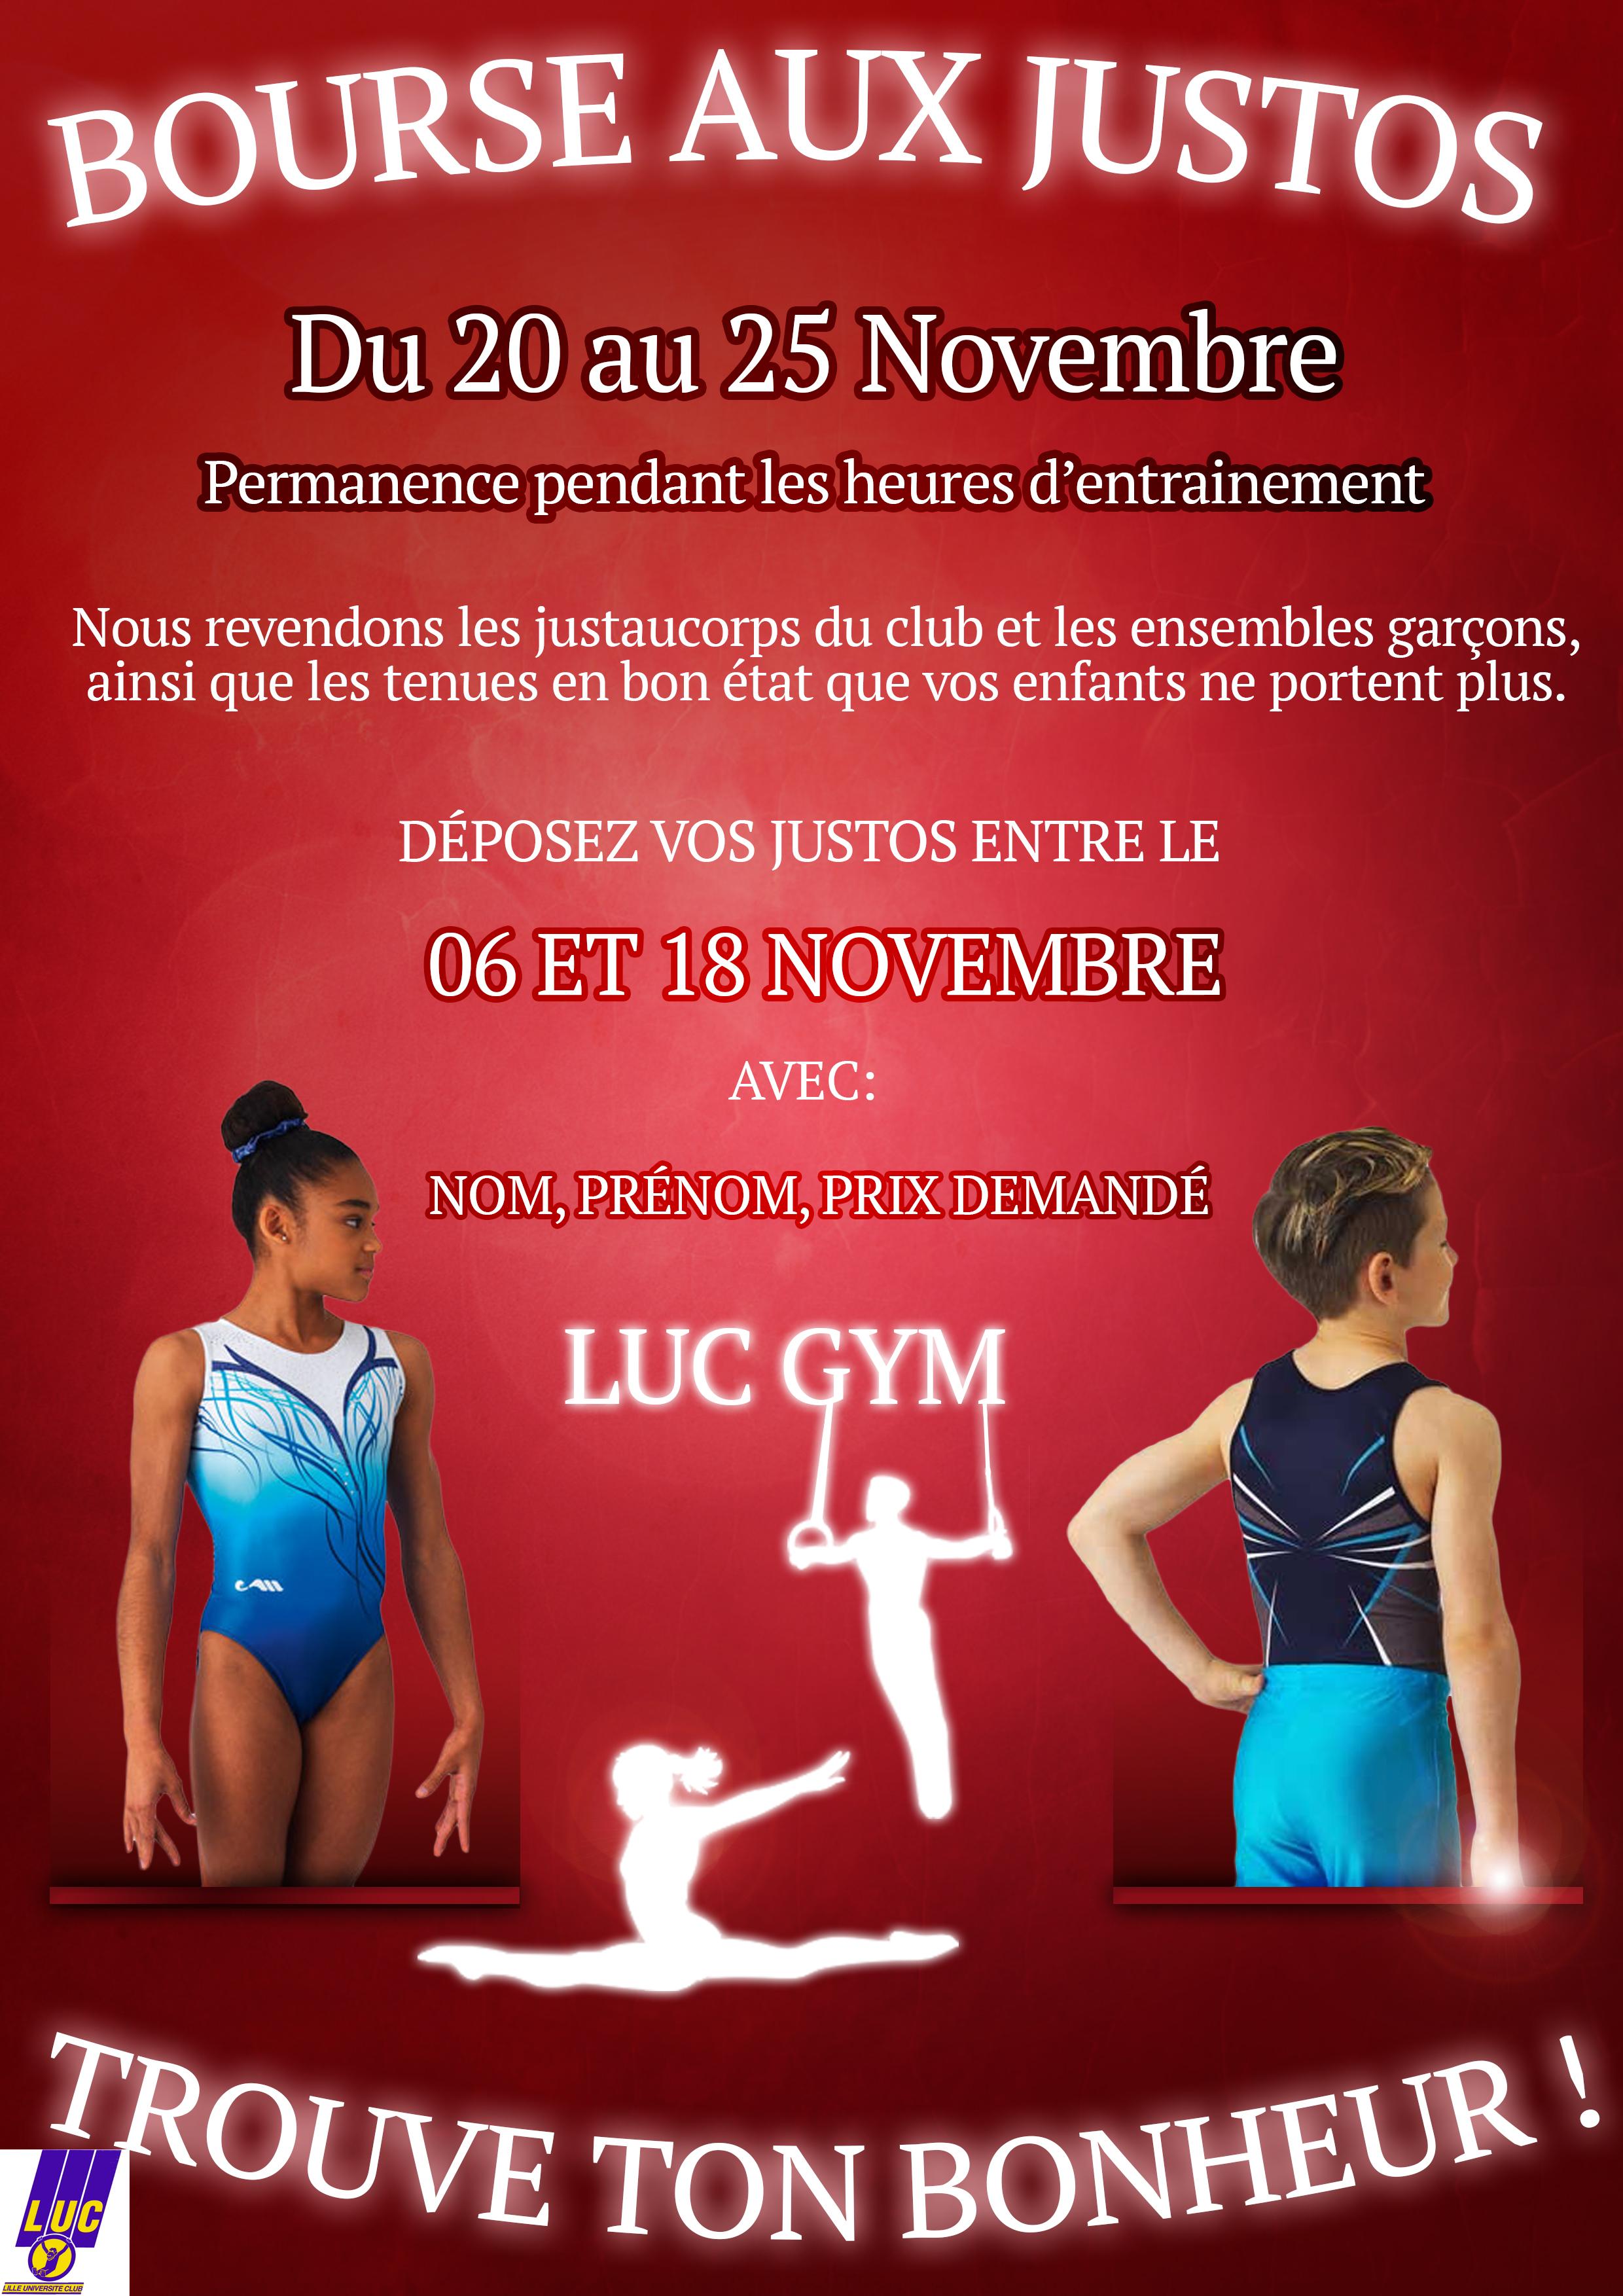 Bourse aux justos LUC GYM